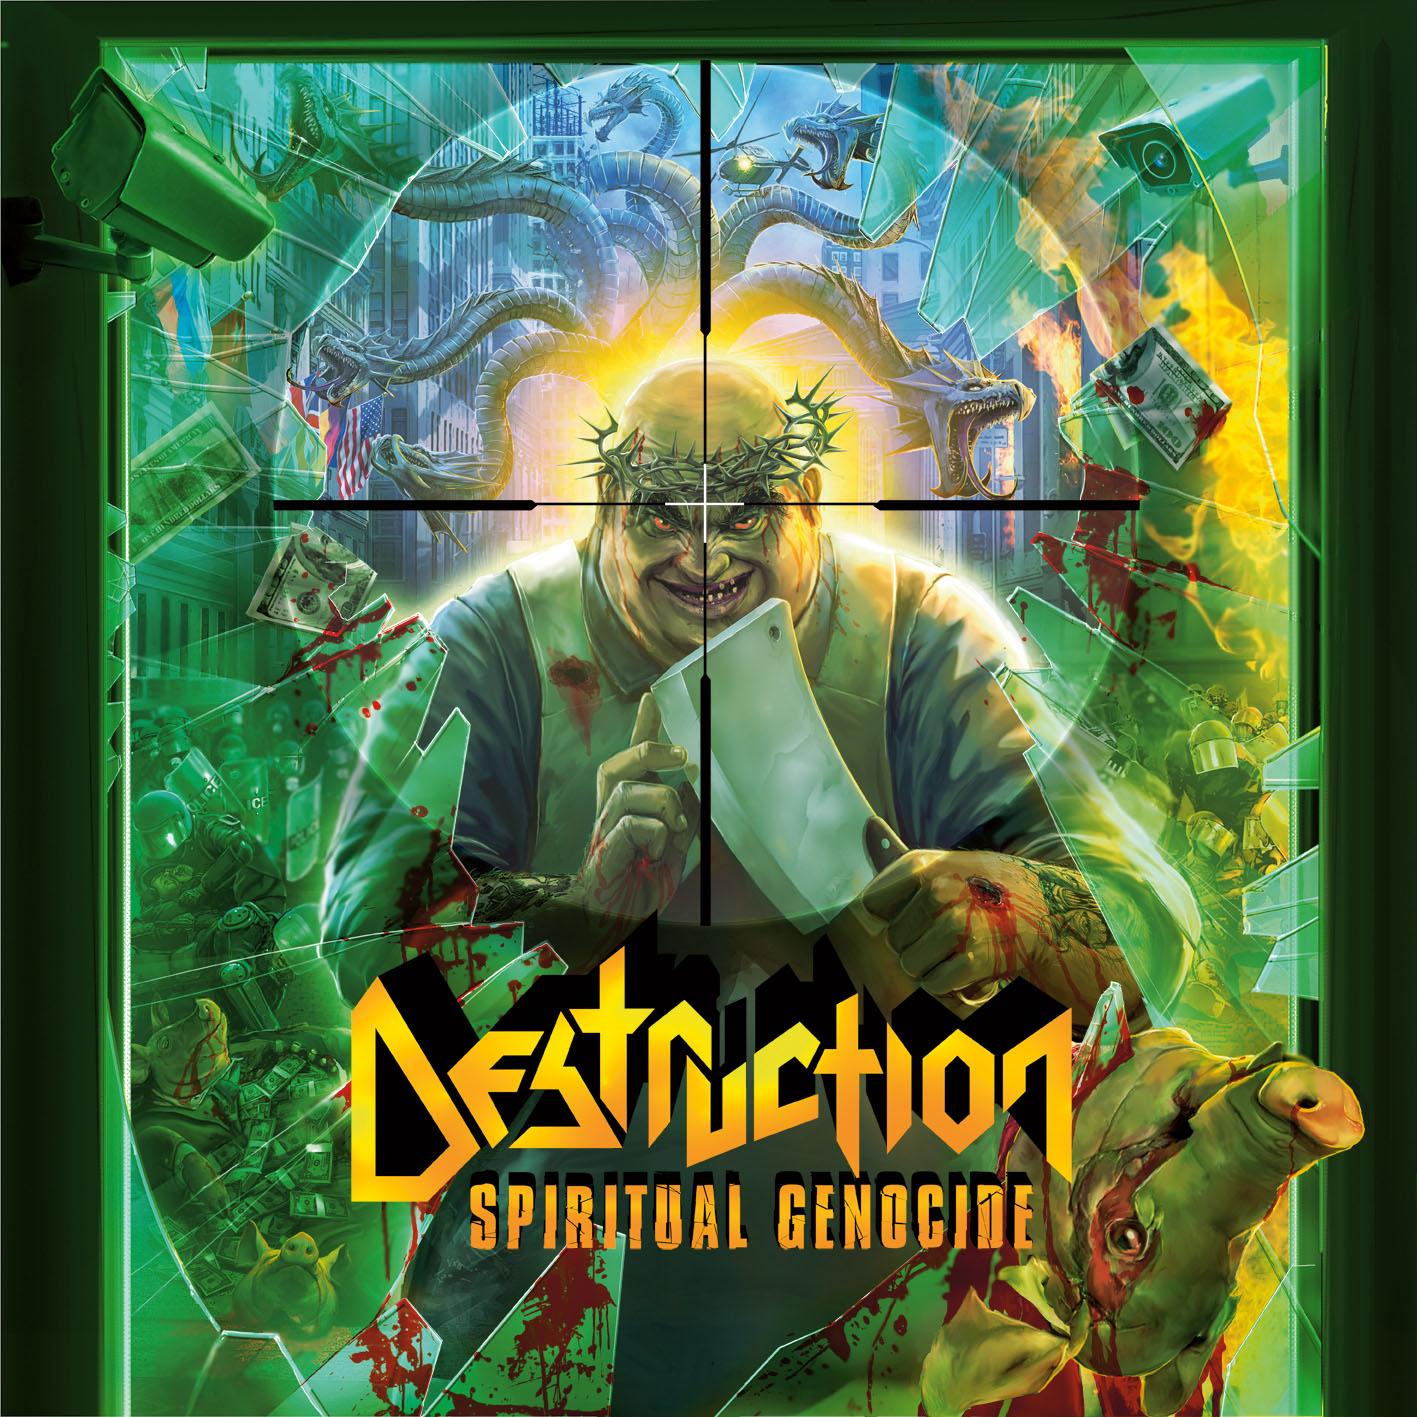 recensione destruction spiritual genocide. Black Bedroom Furniture Sets. Home Design Ideas